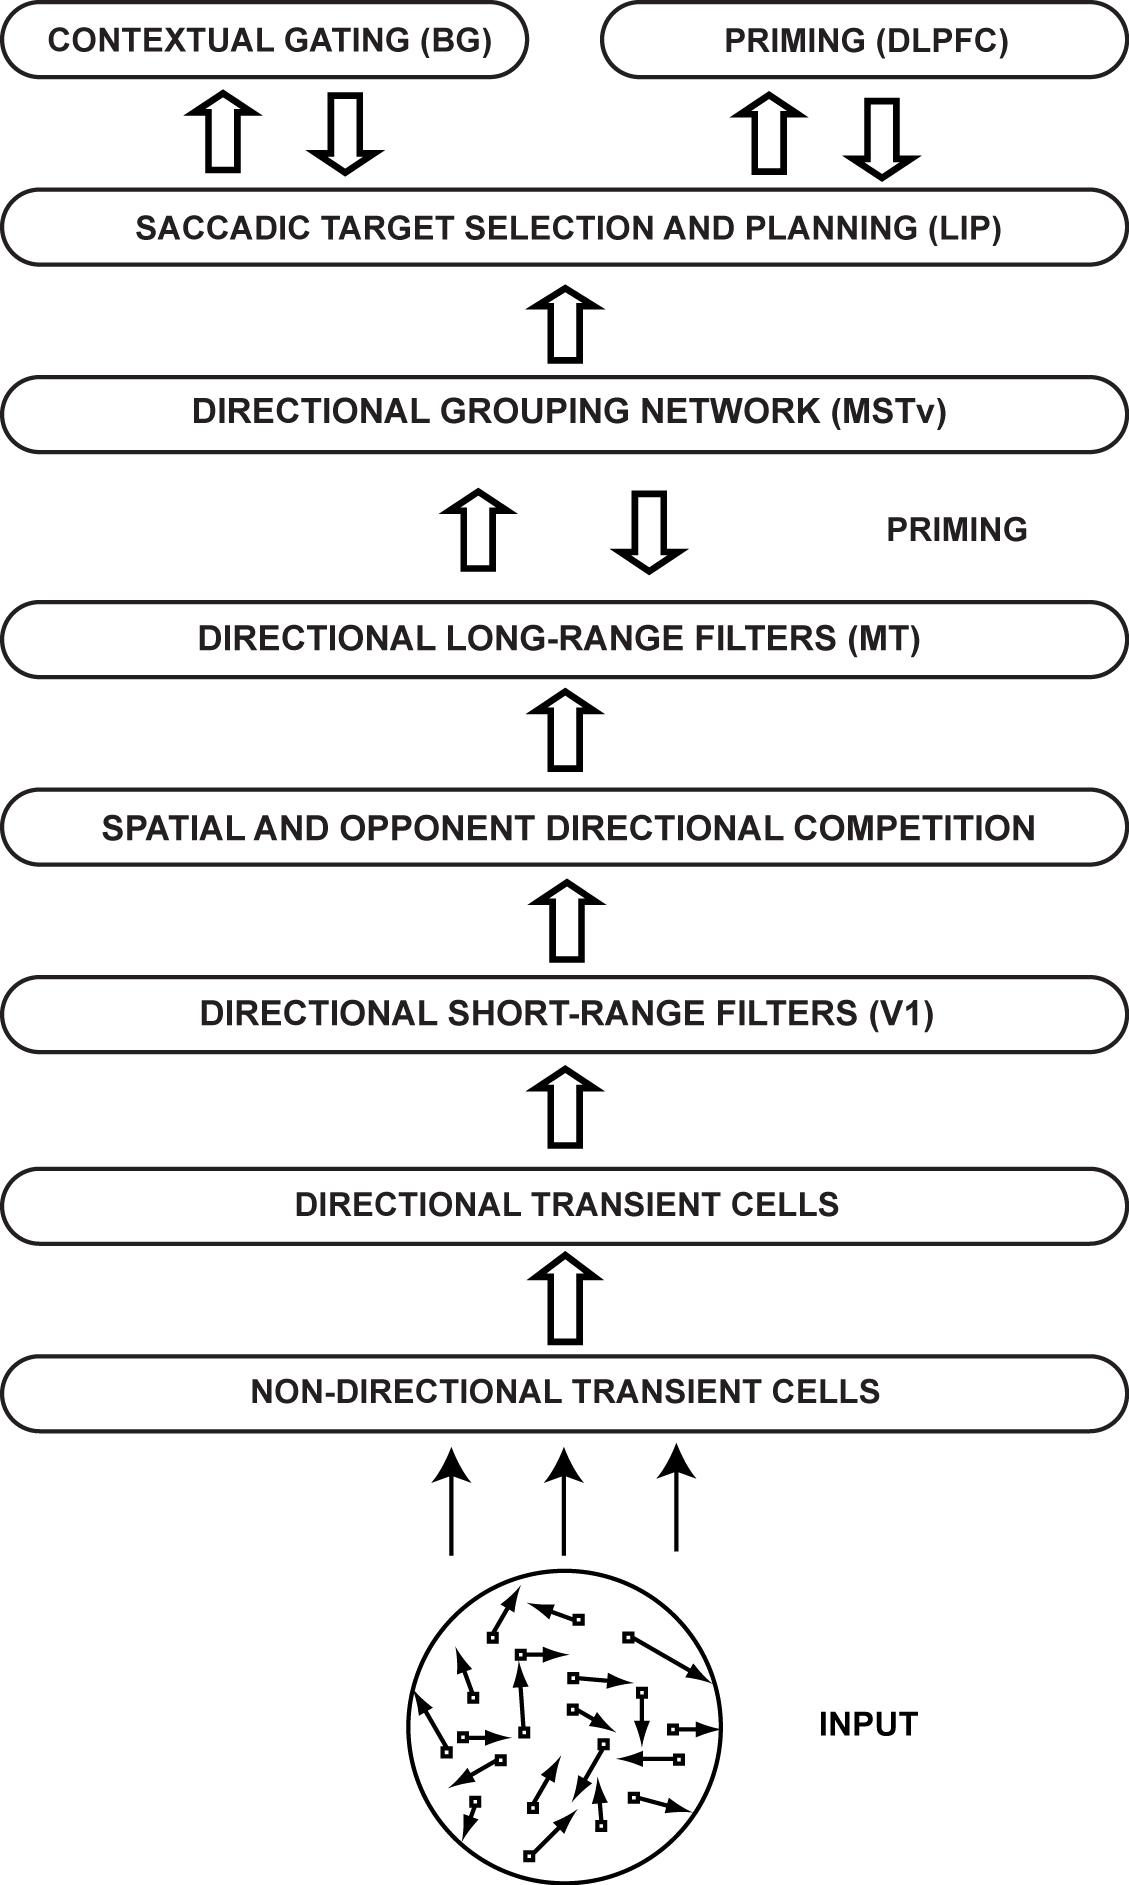 Moti Decisi Mode Model File Exch Nge M Tl B Centr L